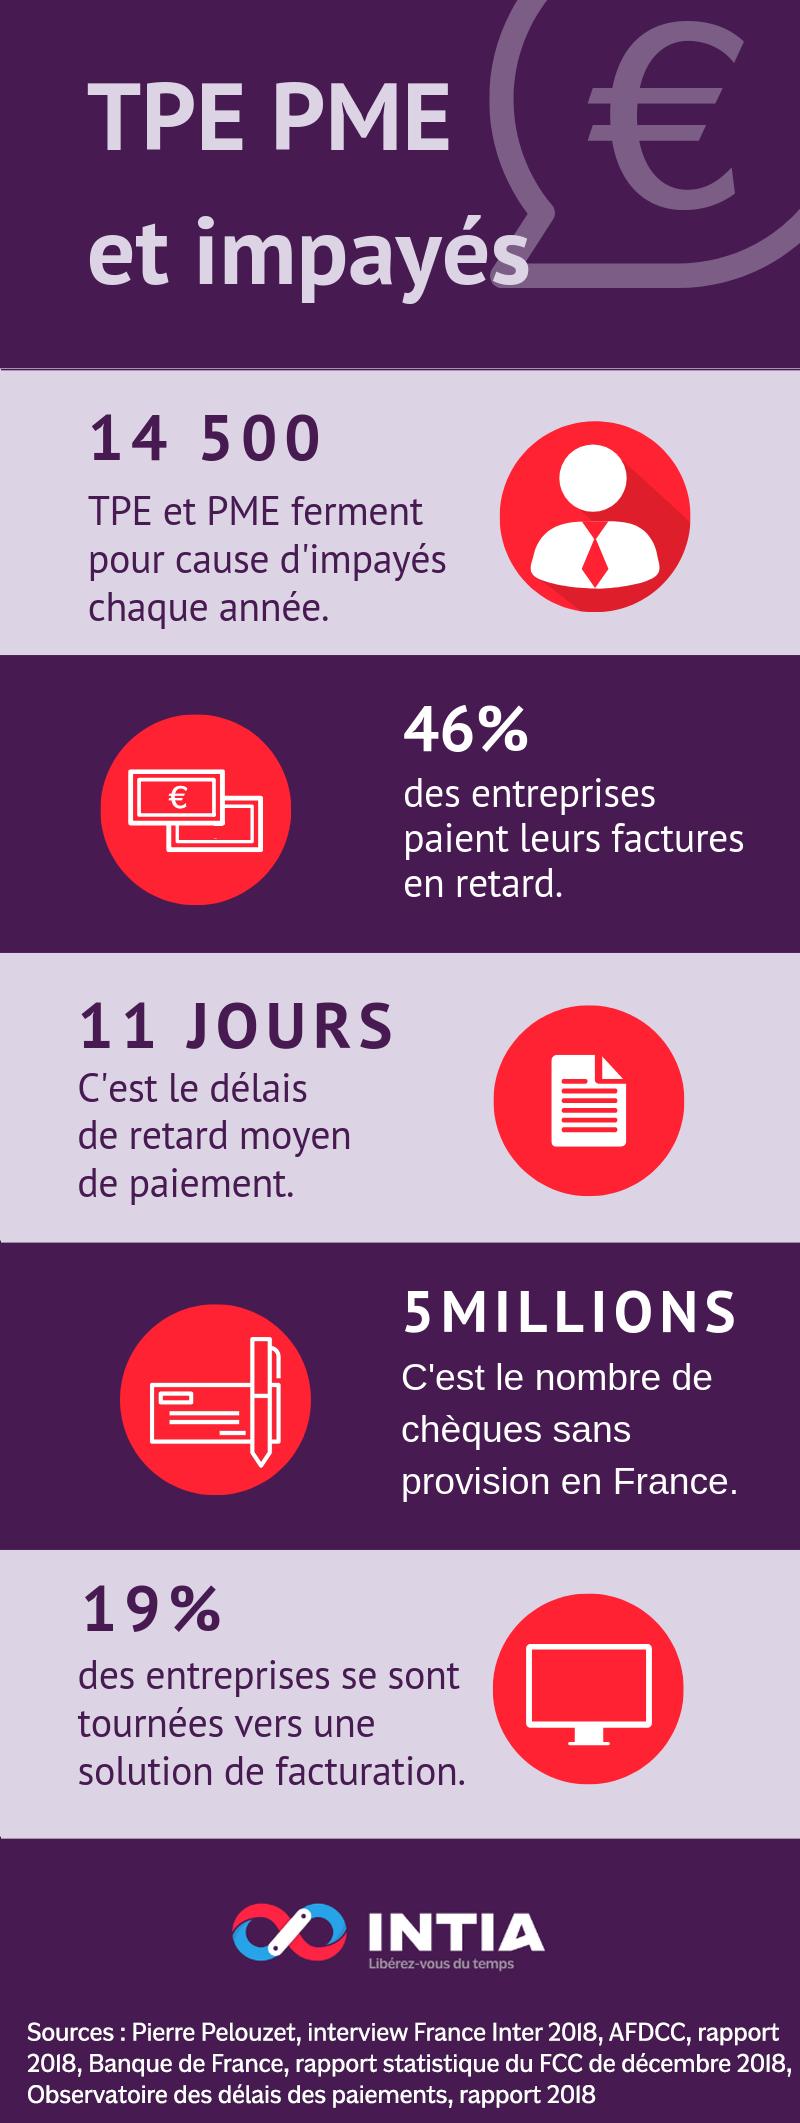 infographie chiffrant le nombre d'impayés chez les TPE et PME. 14500 TPE et PME ferment pour cause d'impayés chaque année. 46% des entreprises paient leurs factures en retard. 11 jours, c'est le délais moyen des retards de paiements. 5millions, c'est le nombre de chèques impayés en France. Seulement 19% des entreprises utilisent une solution de facturation en ligne.